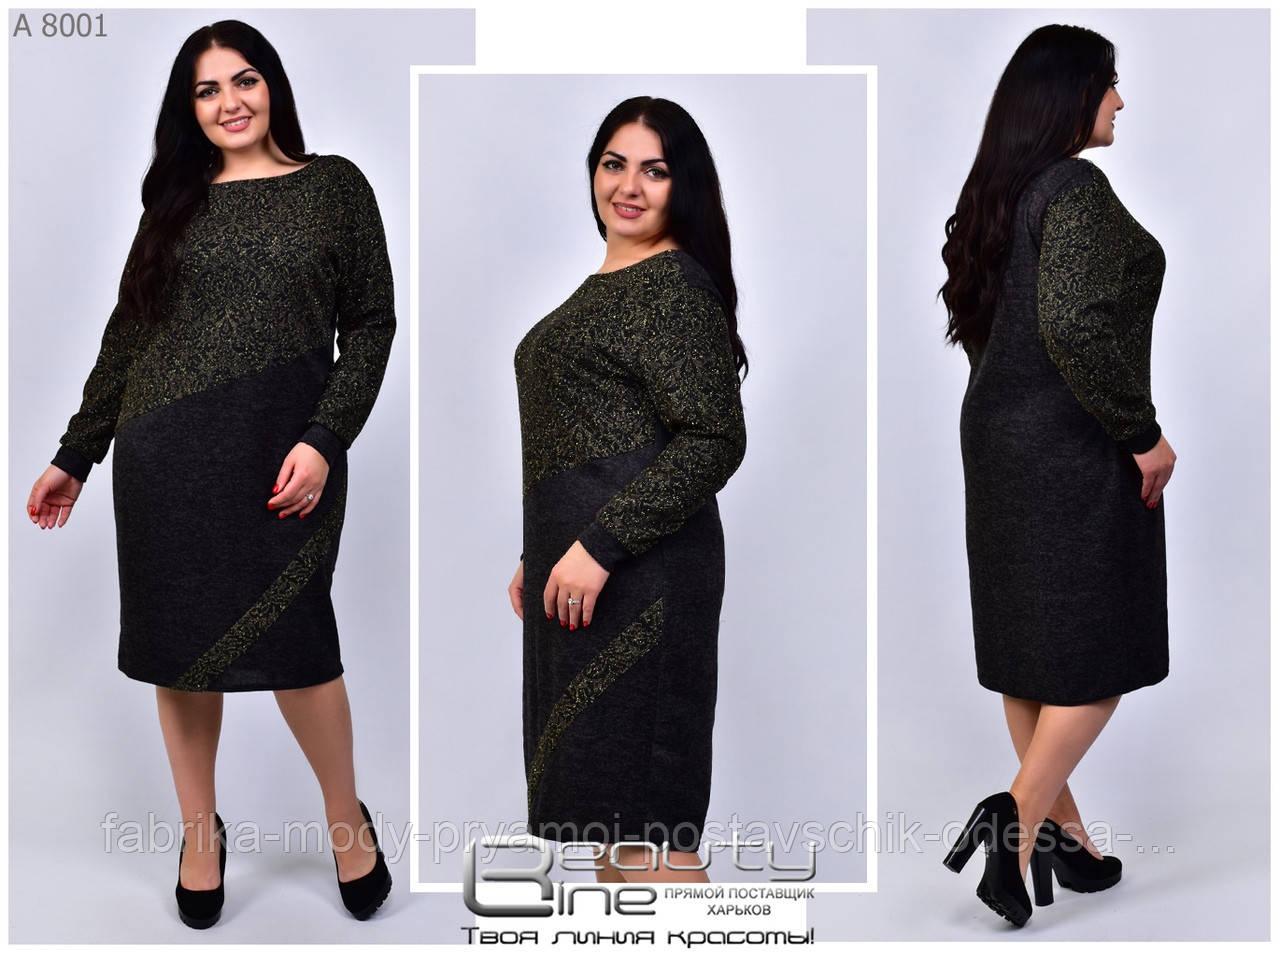 Женское платье Линия 54-68 размер №8001